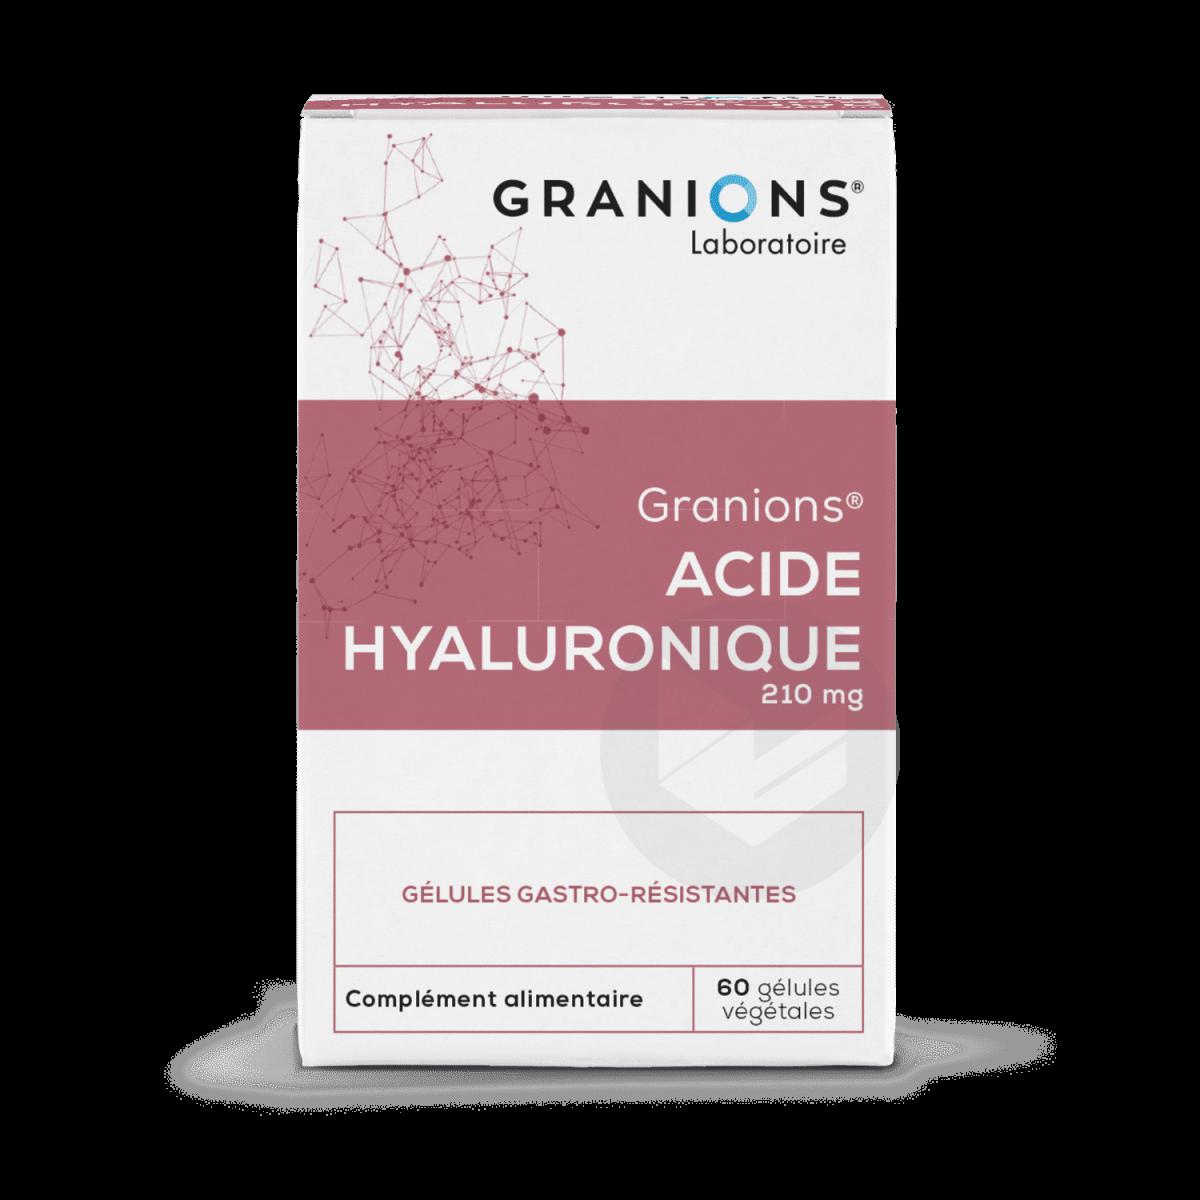 Granions Acide Hyaluronique 60 Gélules